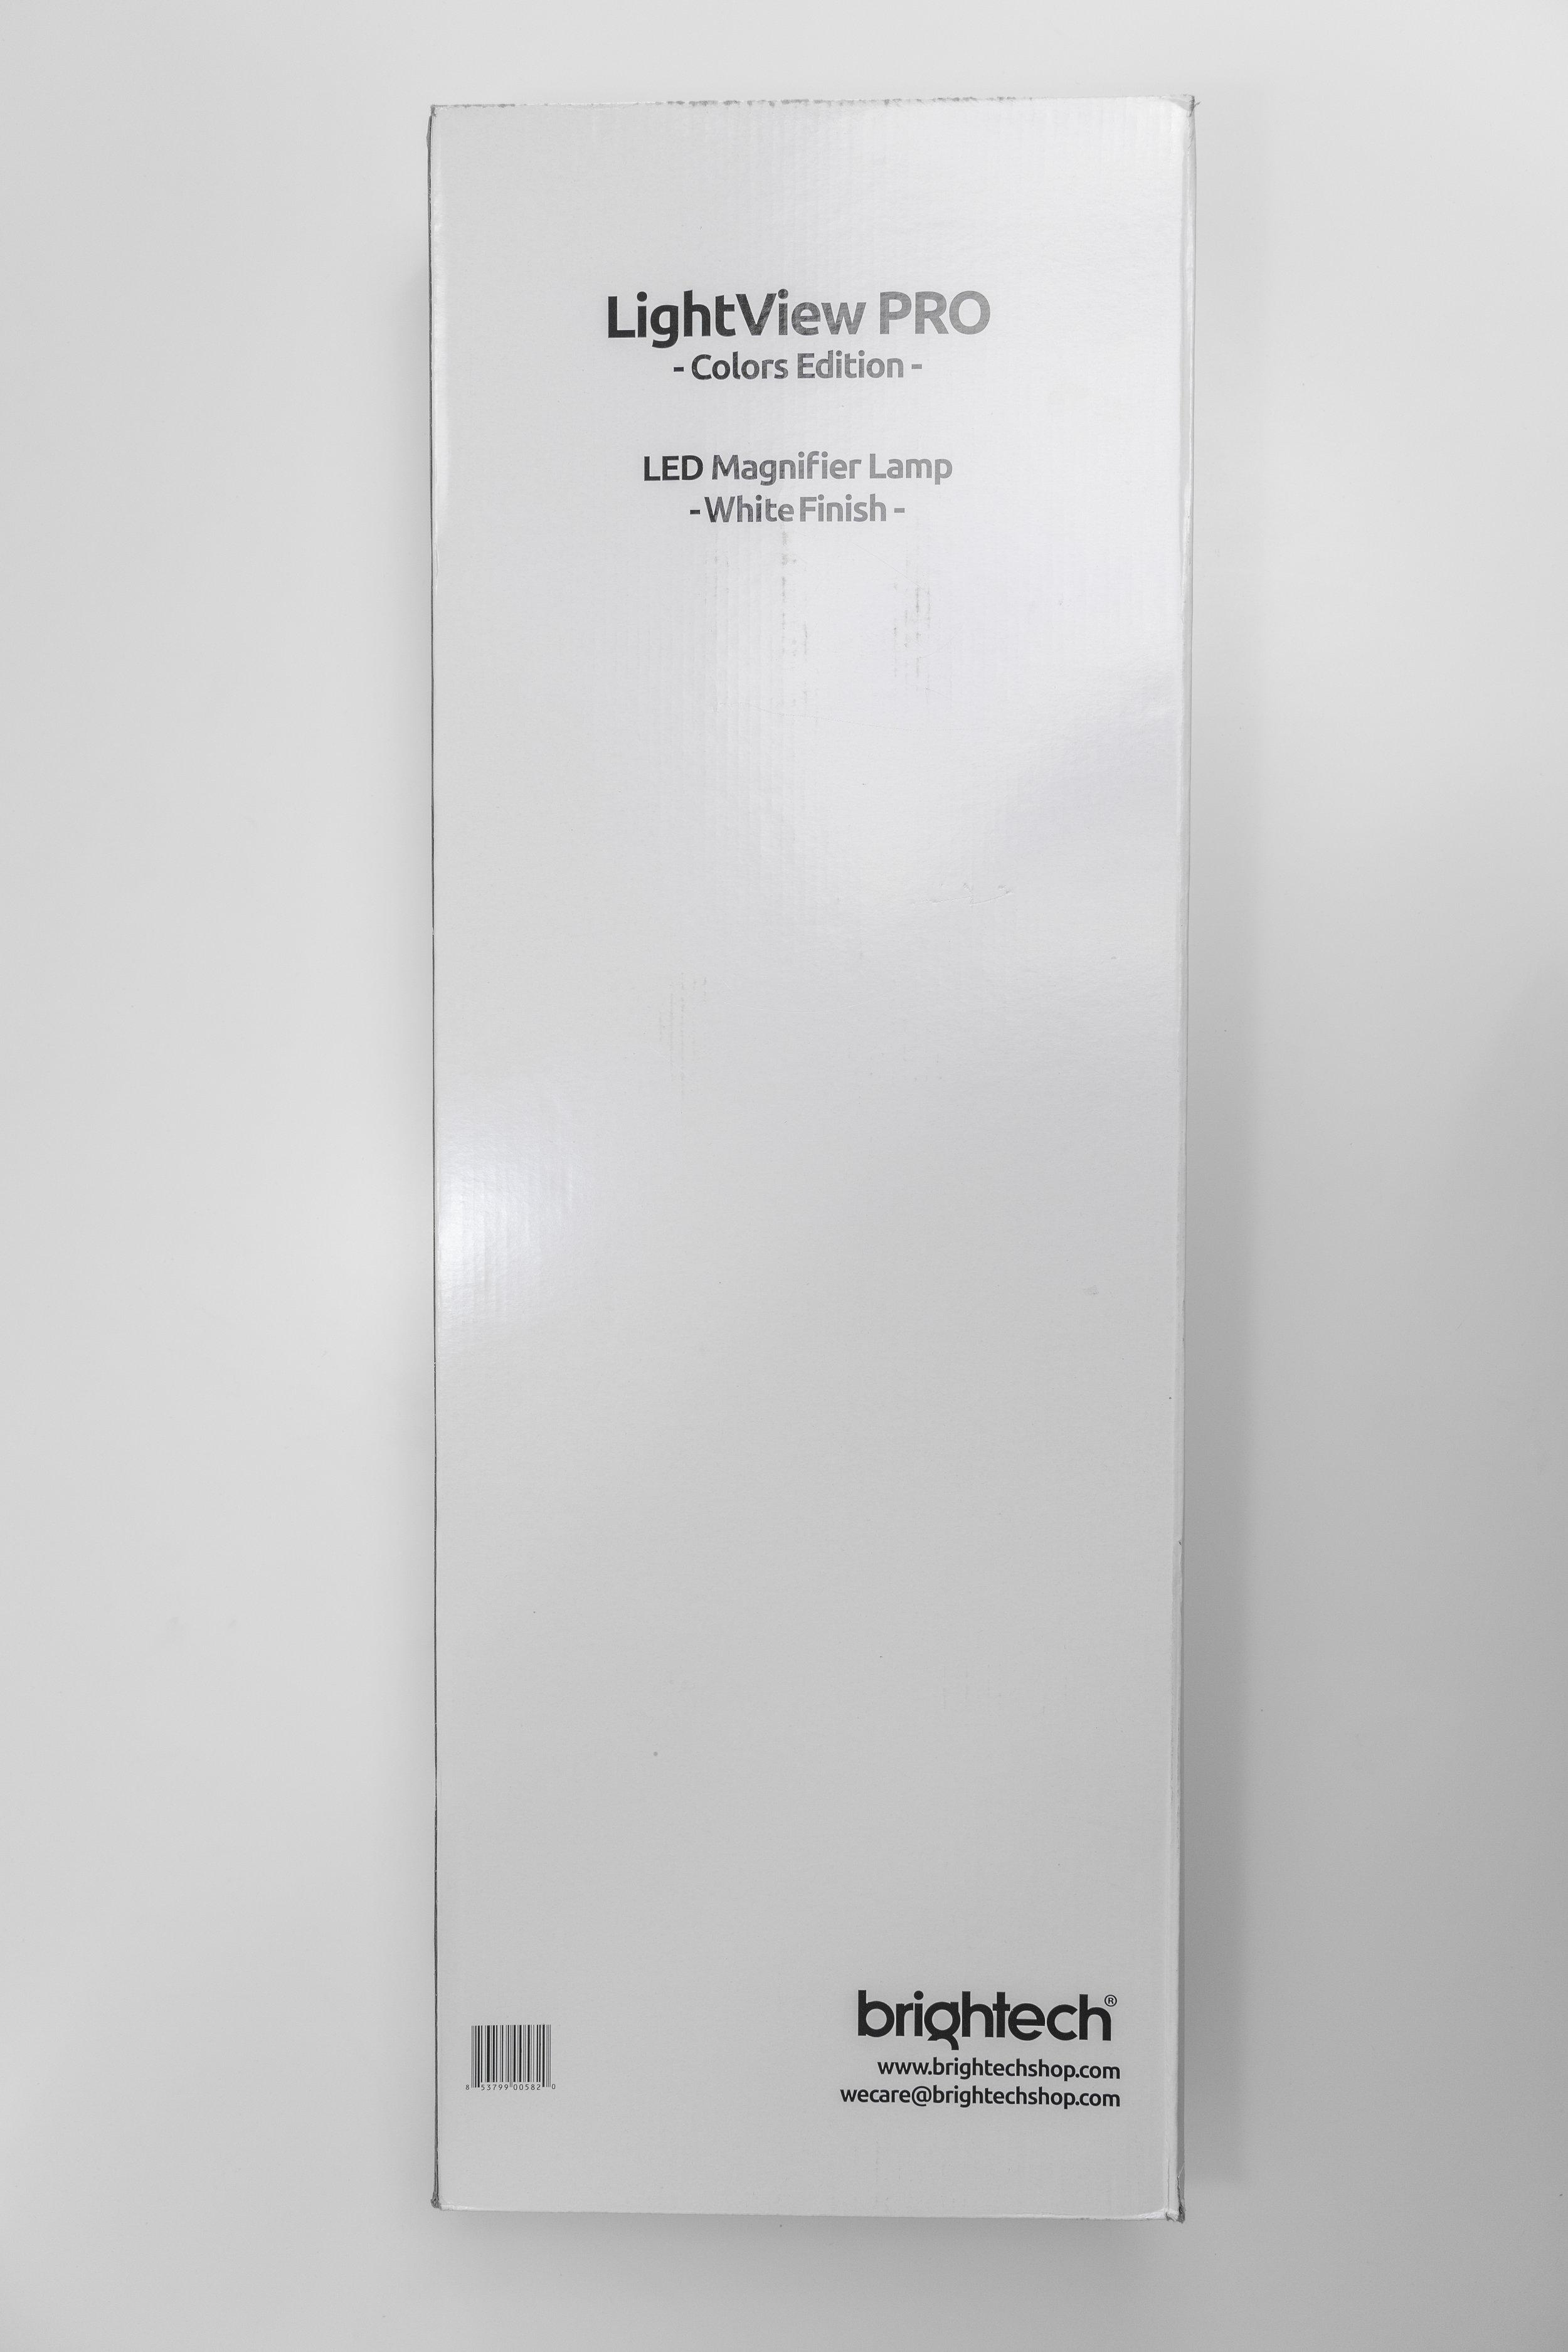 FS1A3904.JPG